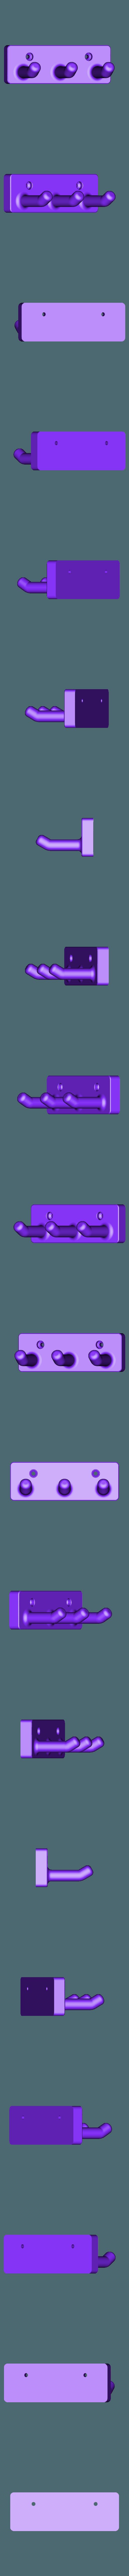 hanger.stl Download free STL file Hanger • 3D printing object, bofl